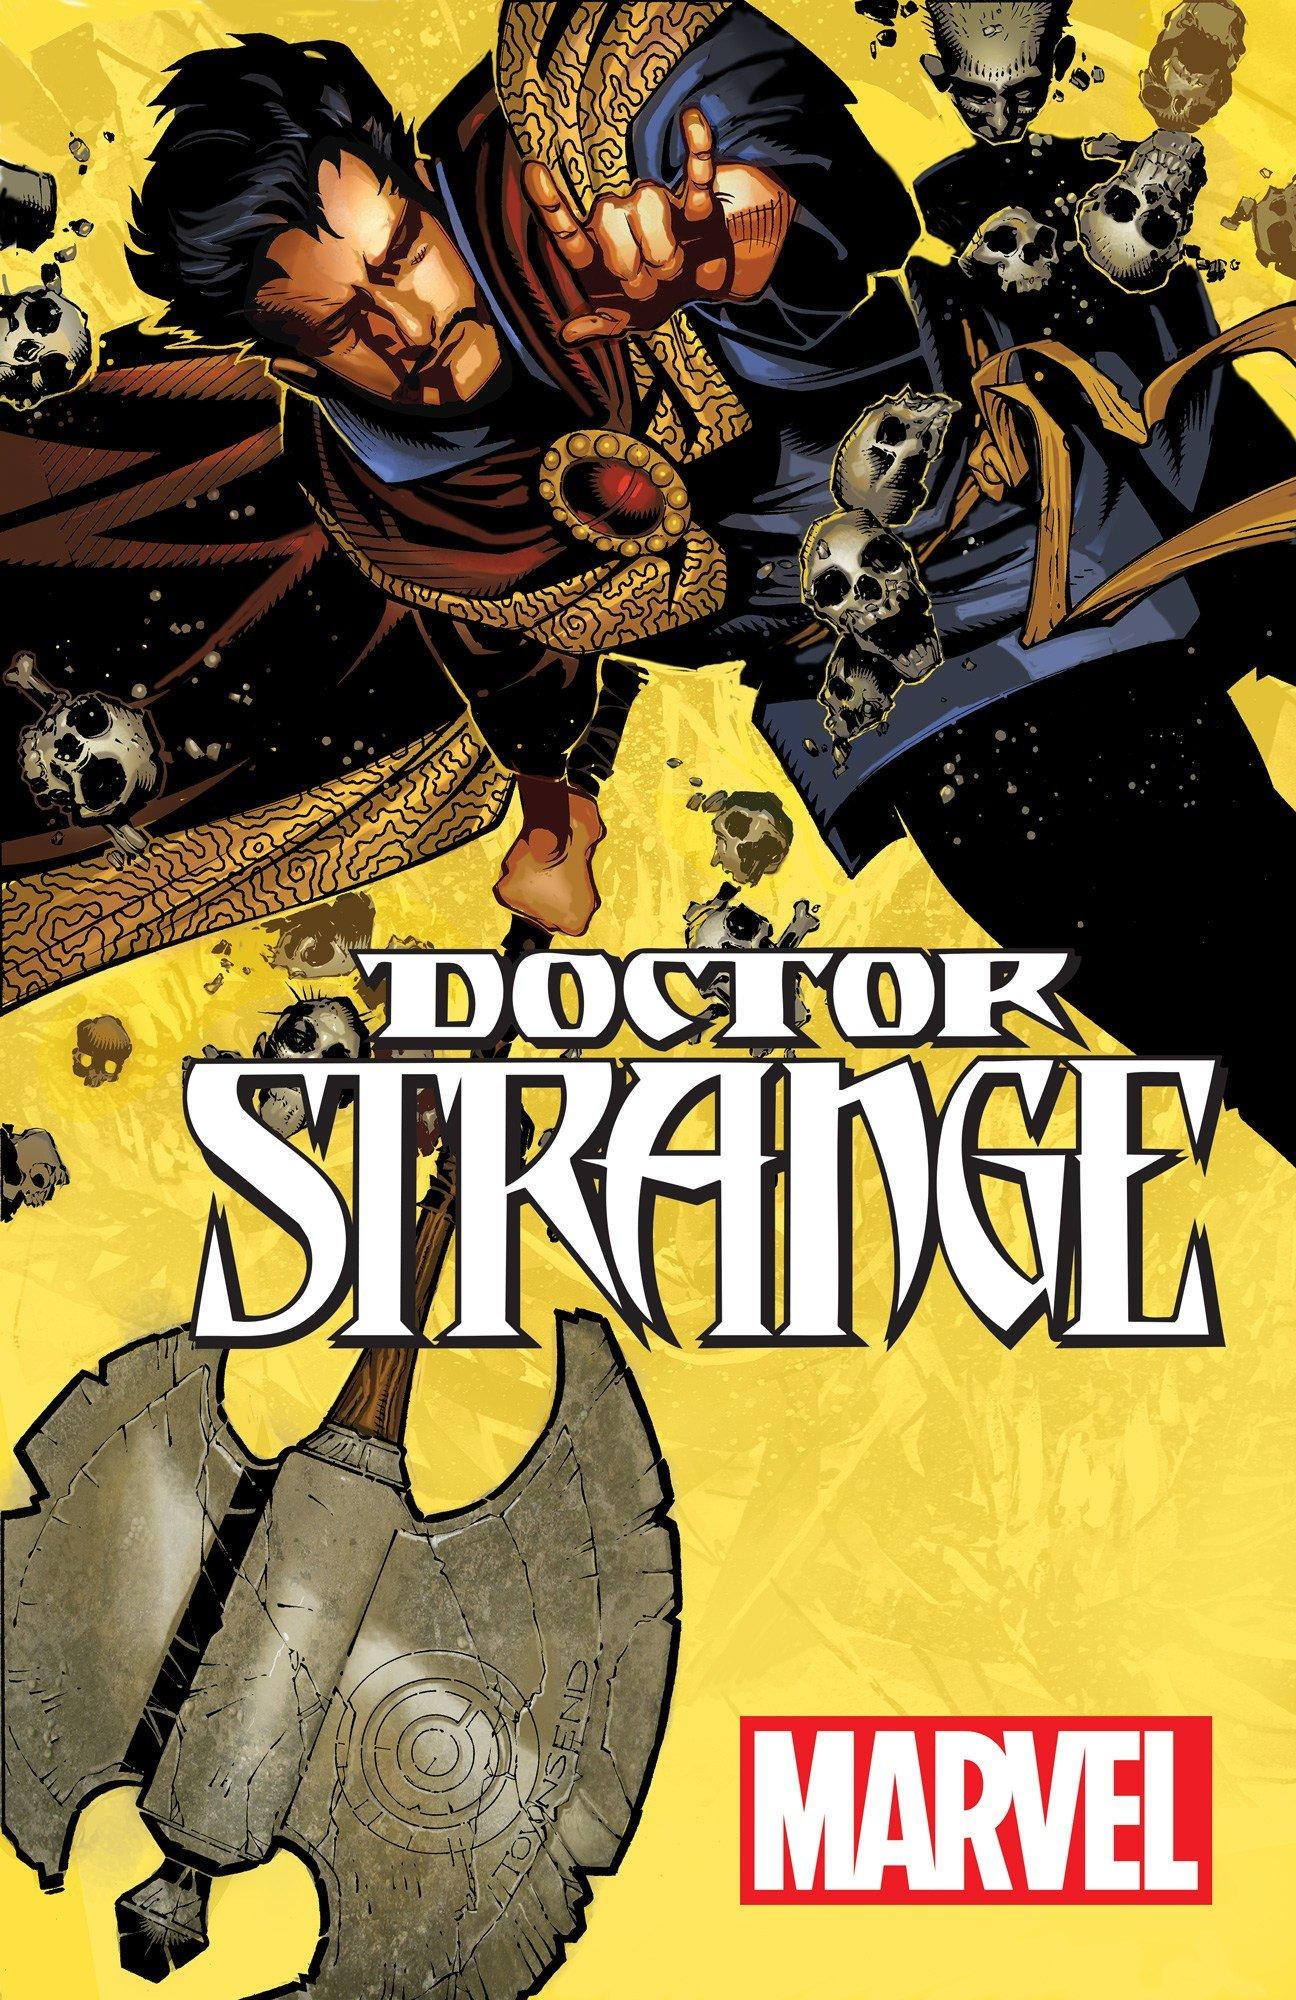 奇妙で華麗なるドクター・ストレンジを知る4冊。アイアンマン+オカルト?